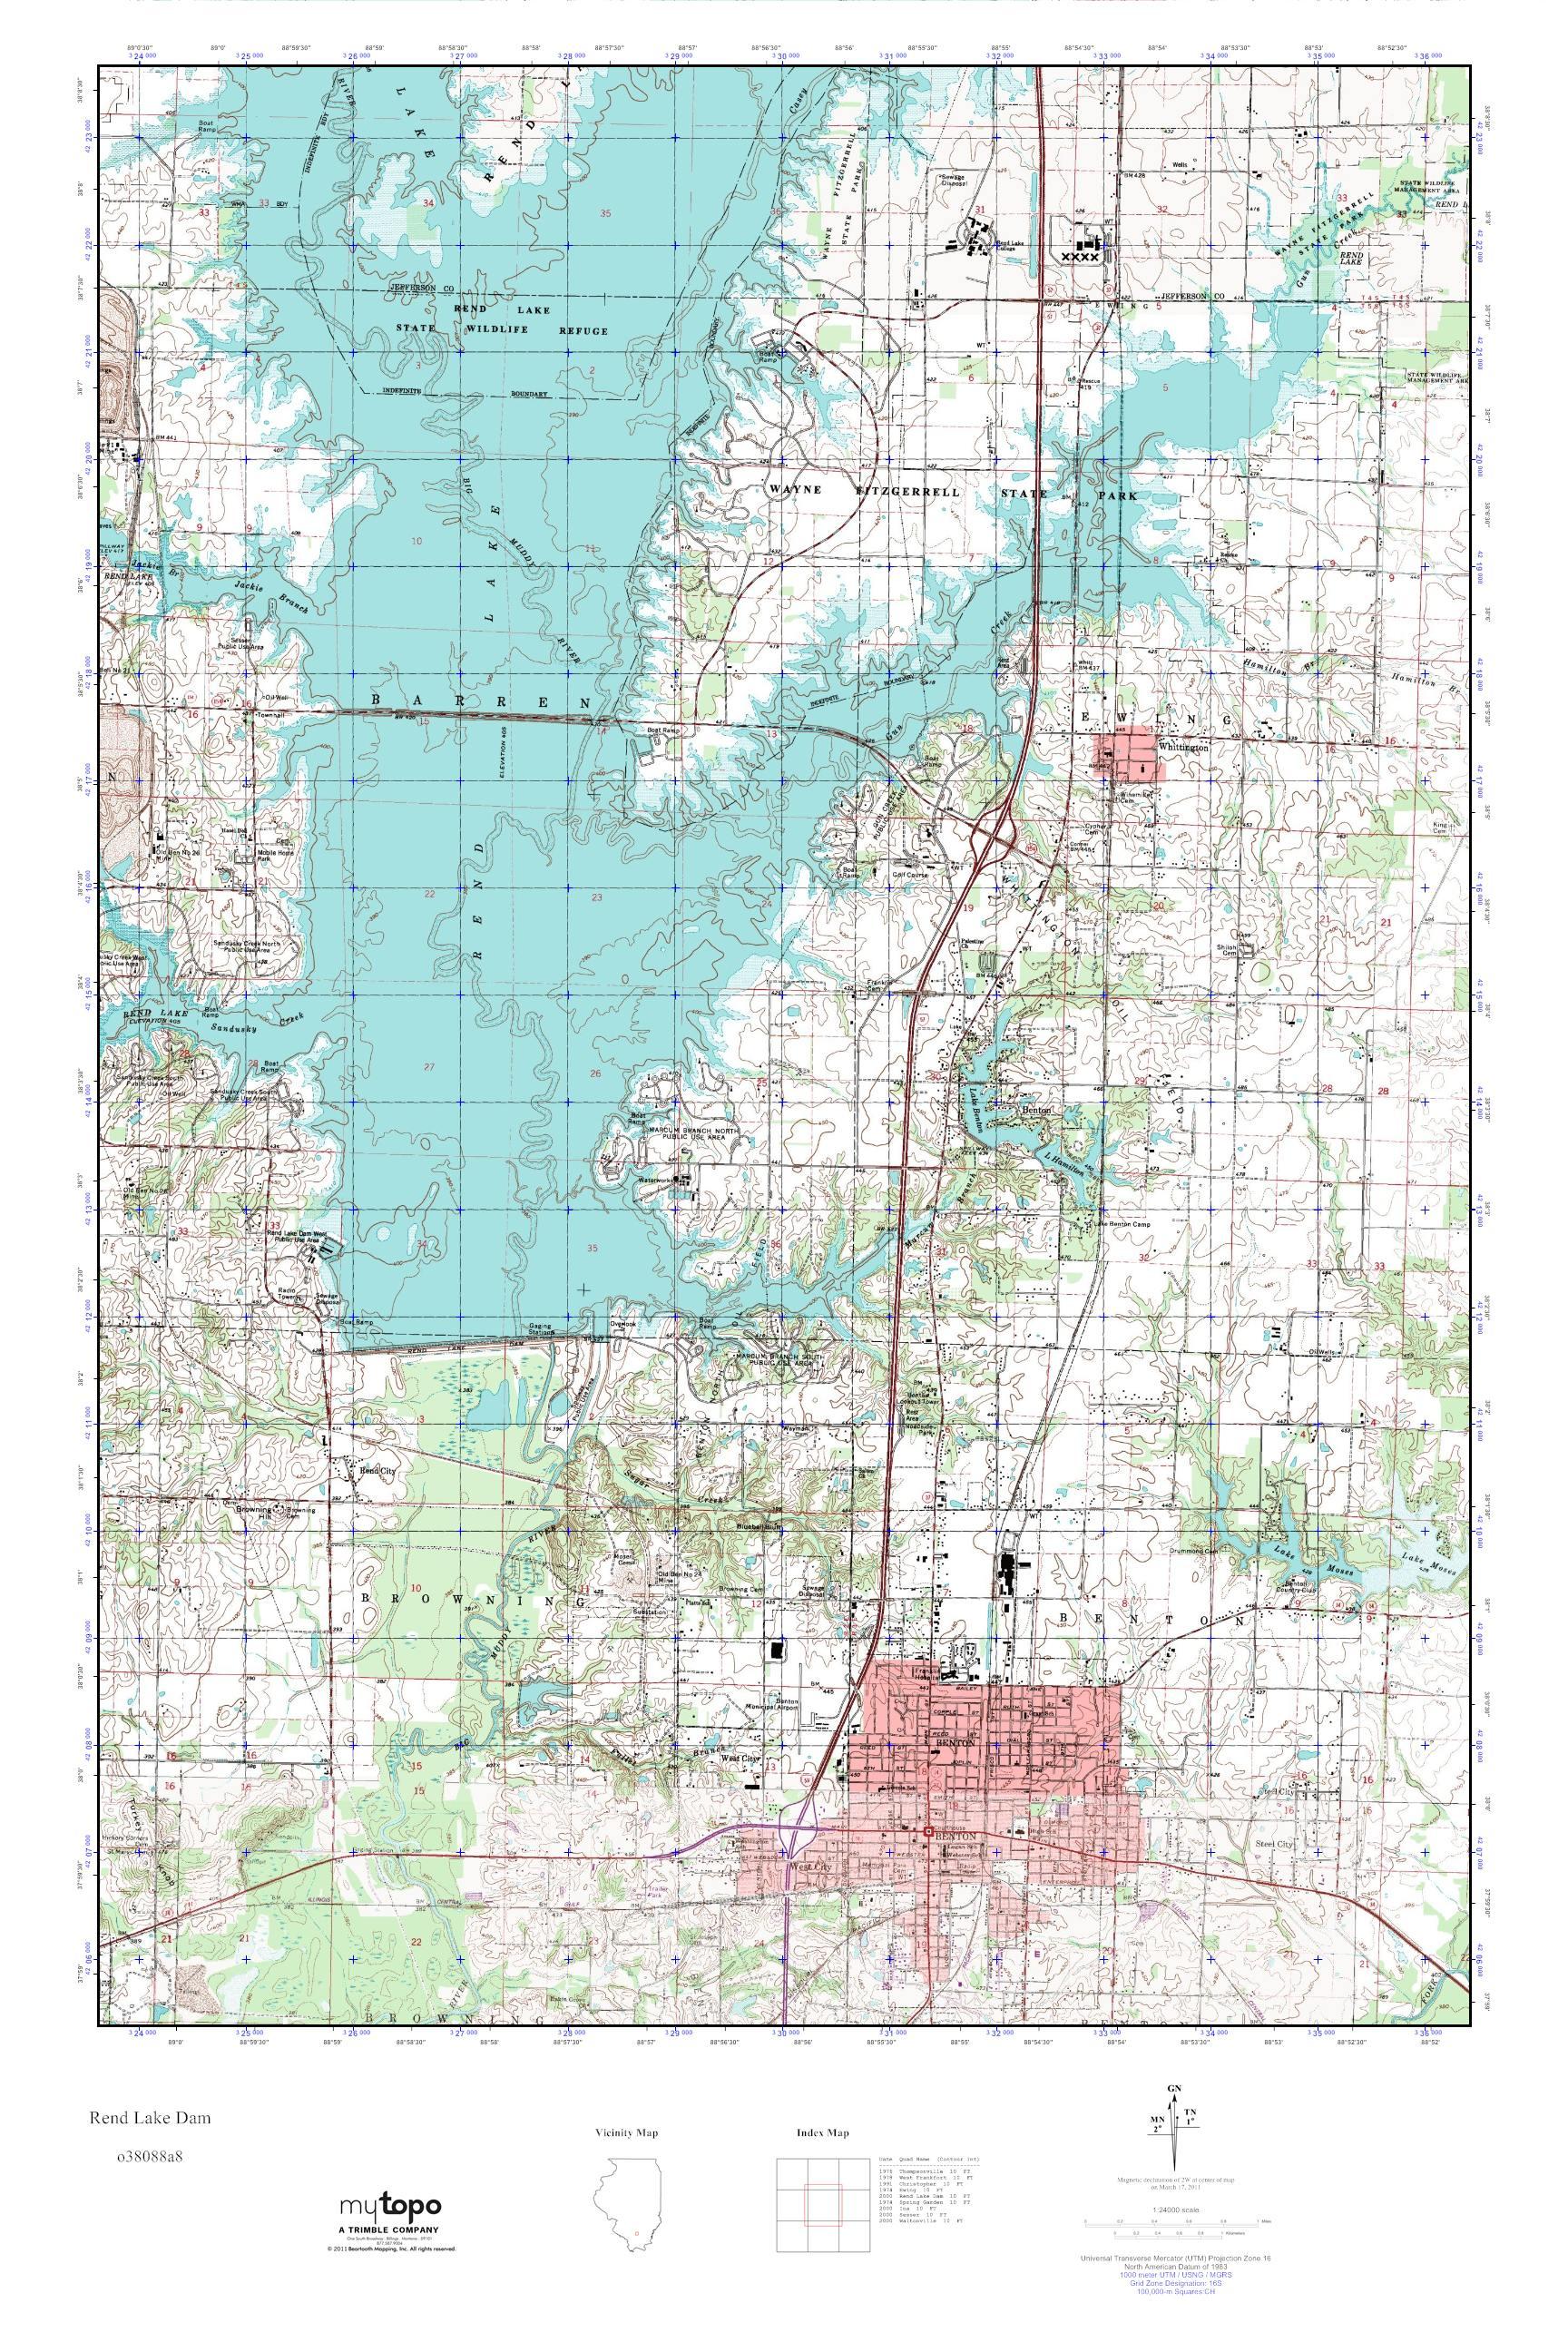 Rend Lake Illinois Map.Mytopo Rend Lake Dam Illinois Usgs Quad Topo Map